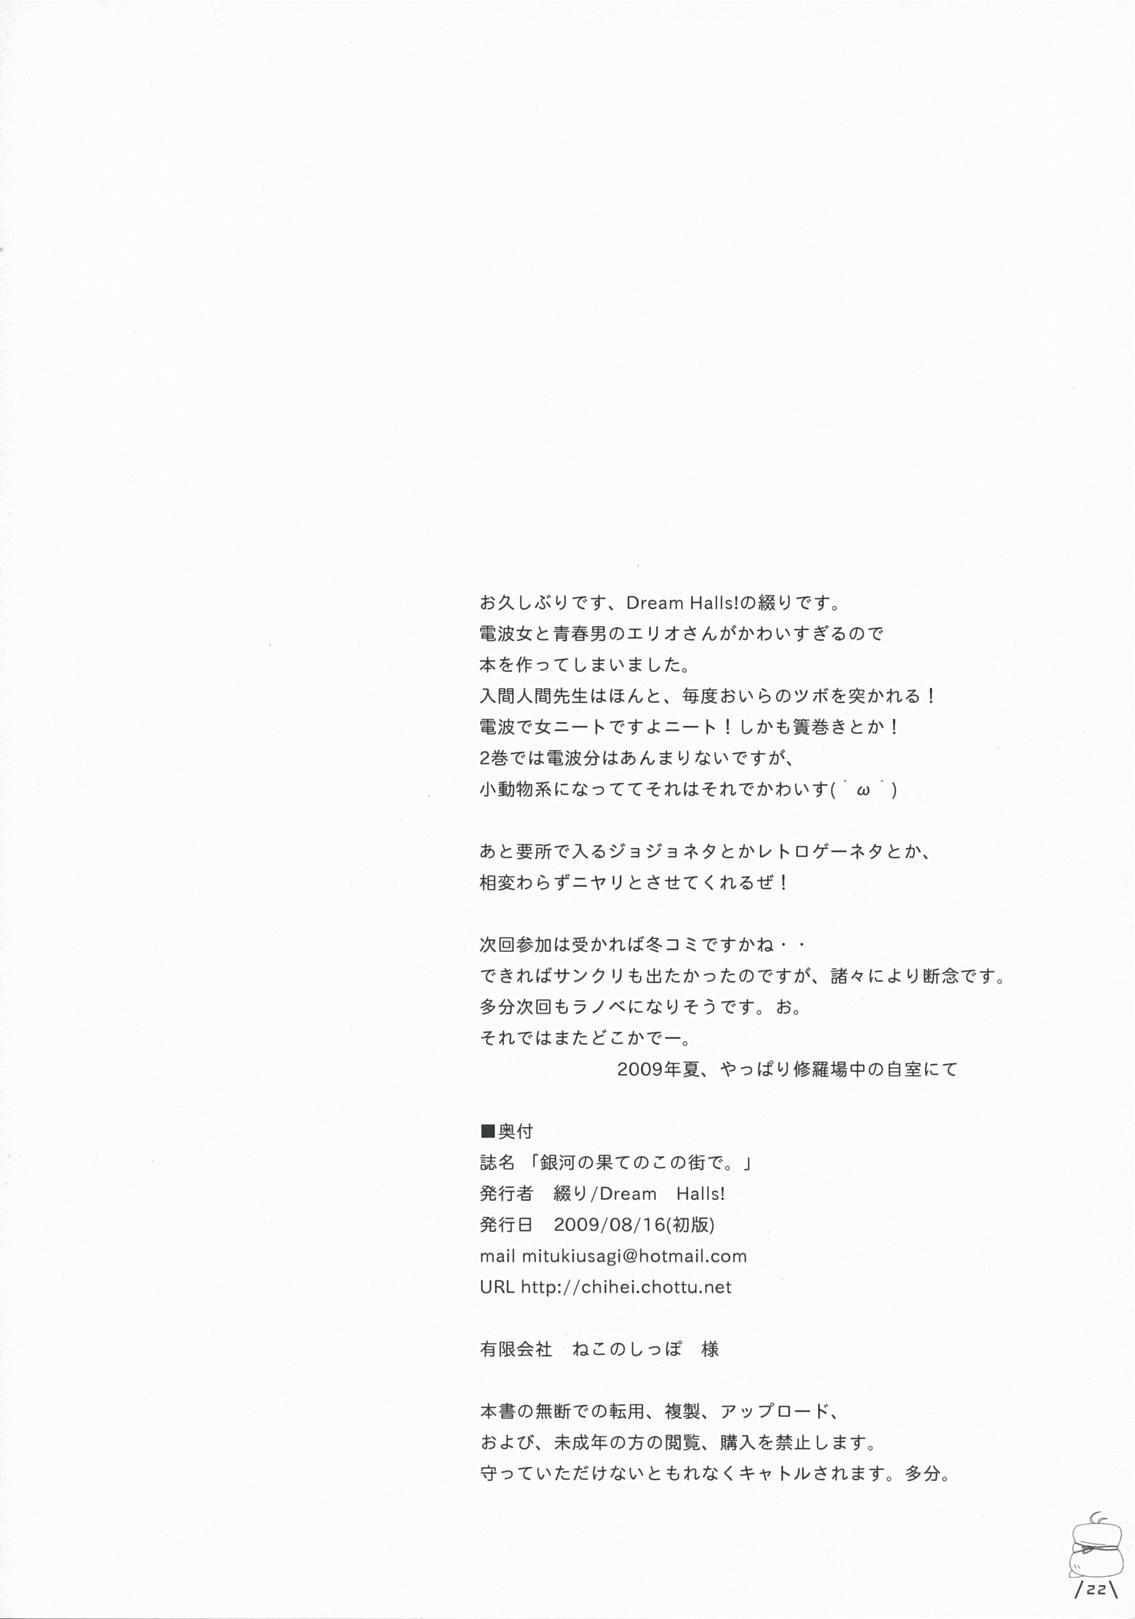 Ginga no Hate no kono Machi de. 21